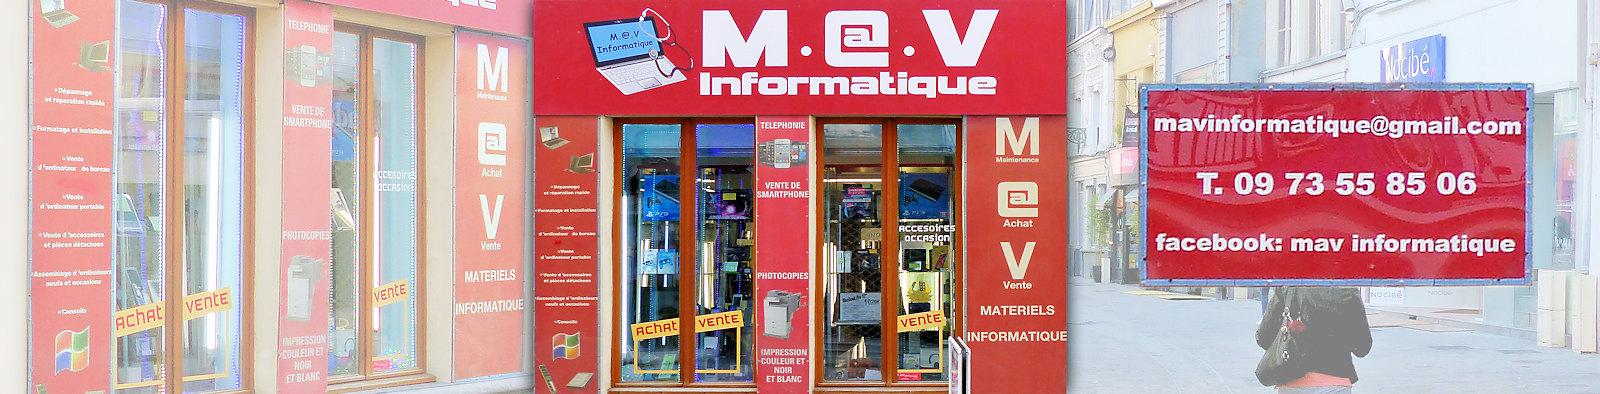 MAV Informatique, Rue de Lille, Tourcoing